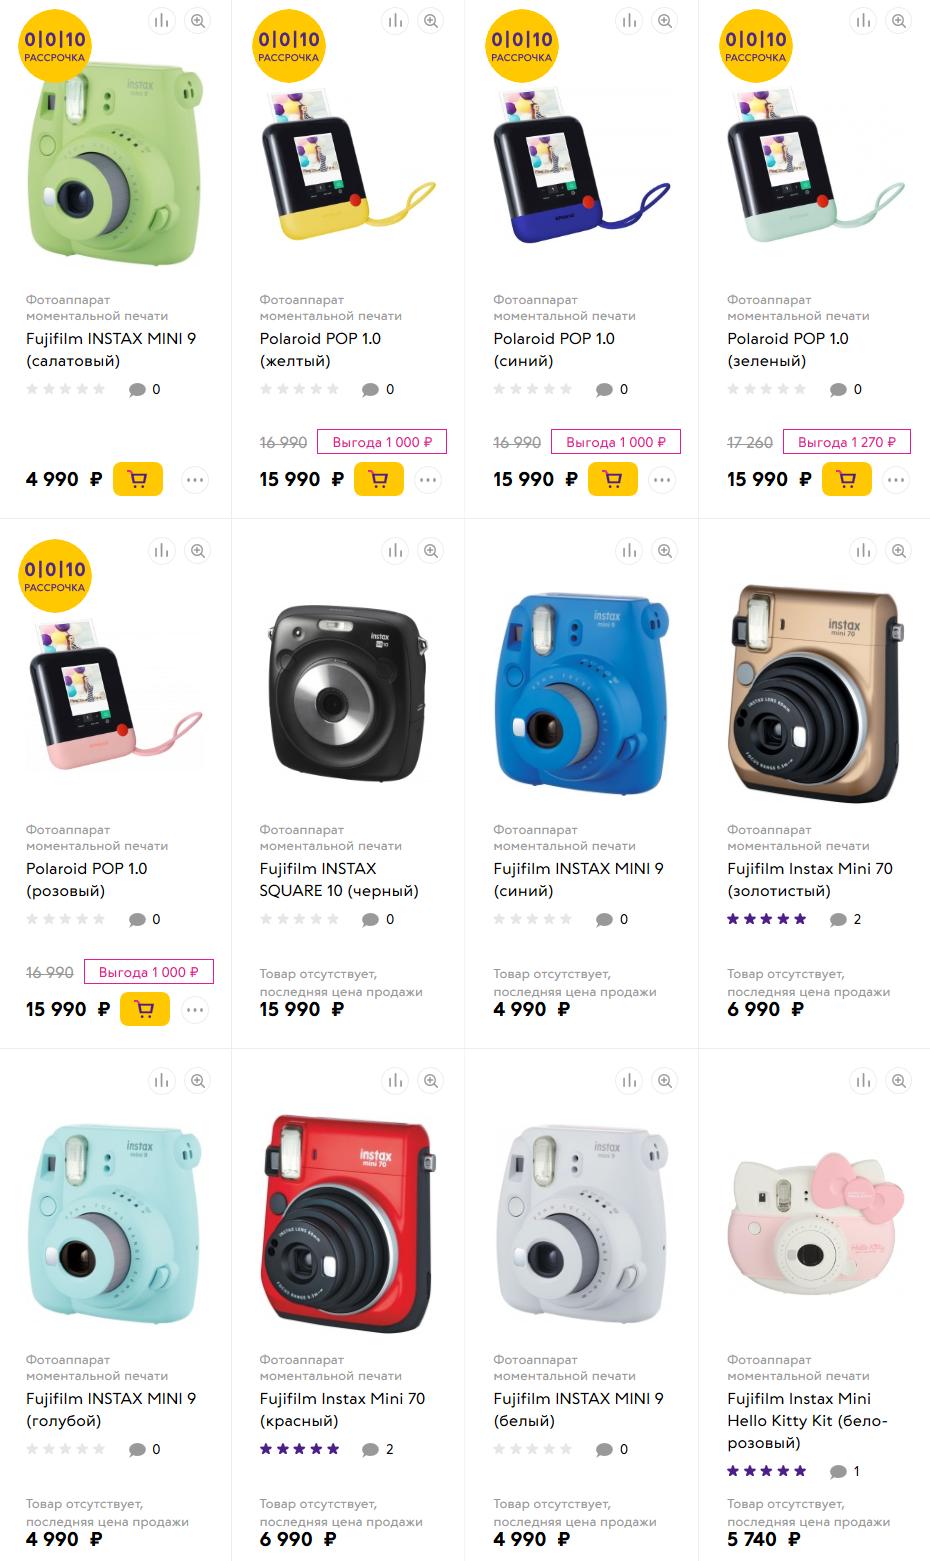 фотоаппараты 2